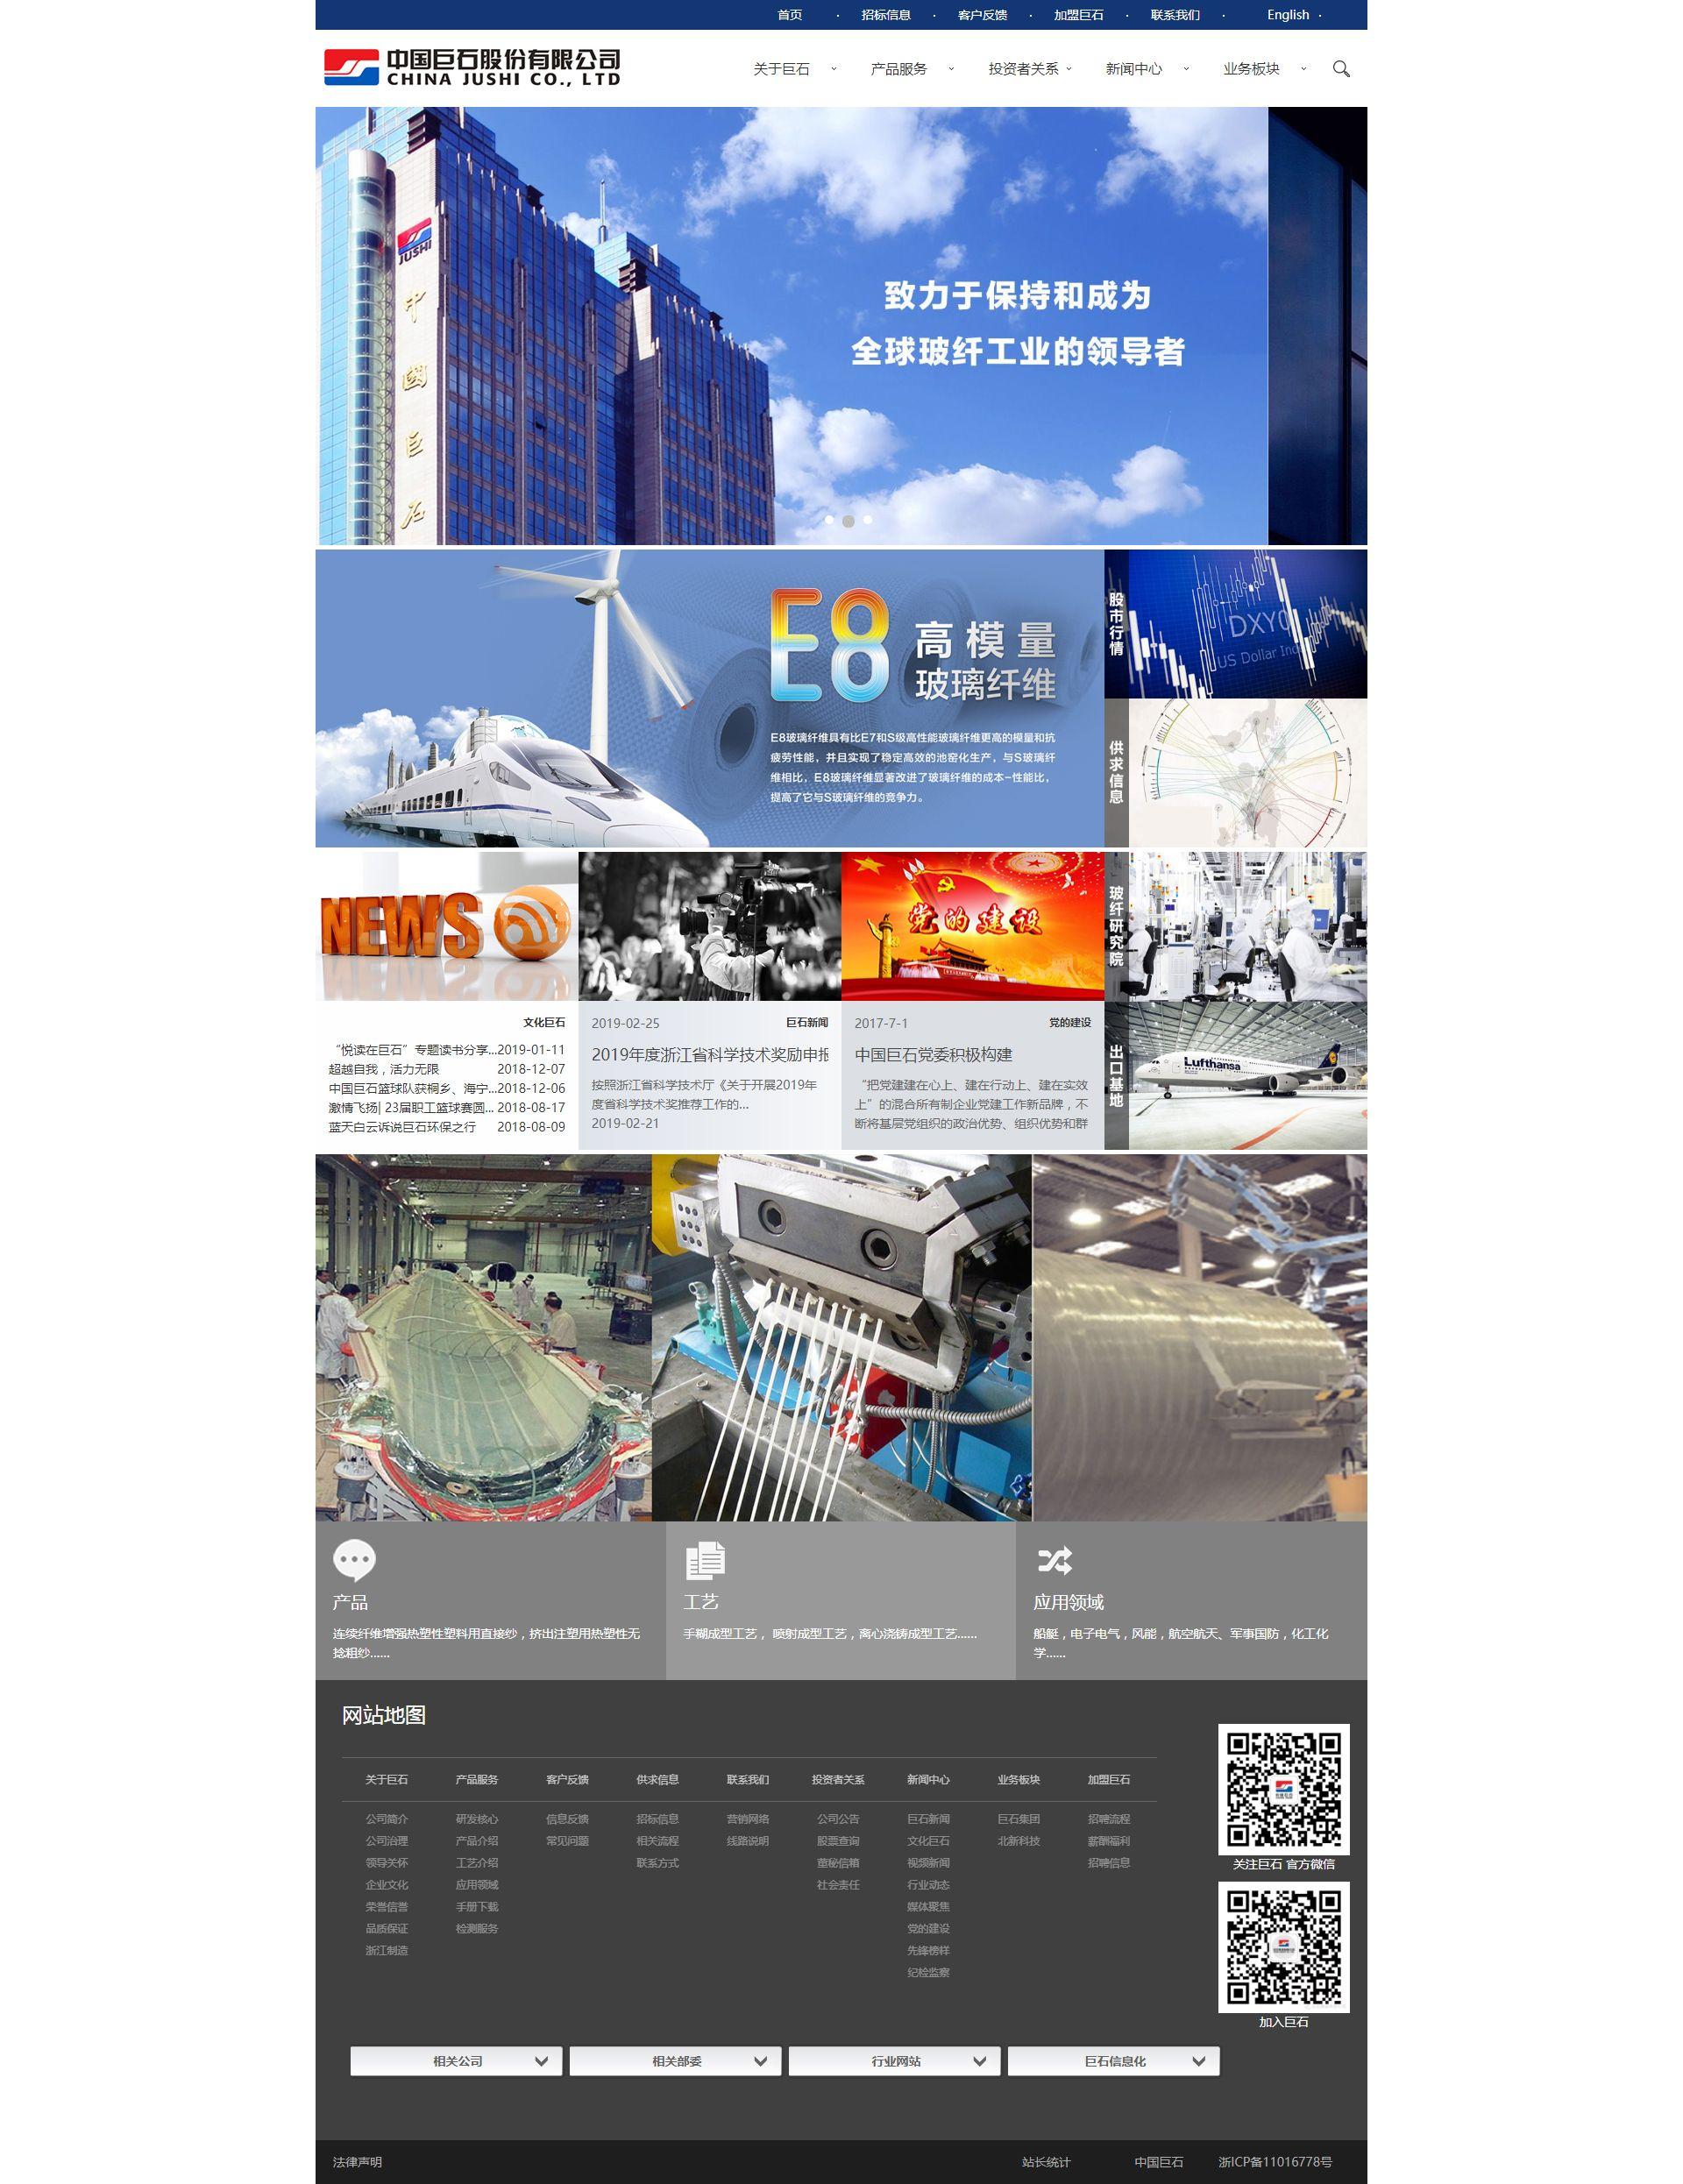 中国巨石股份乐动体育官网_巨石集团官网_全球杰出的玻纤制造商